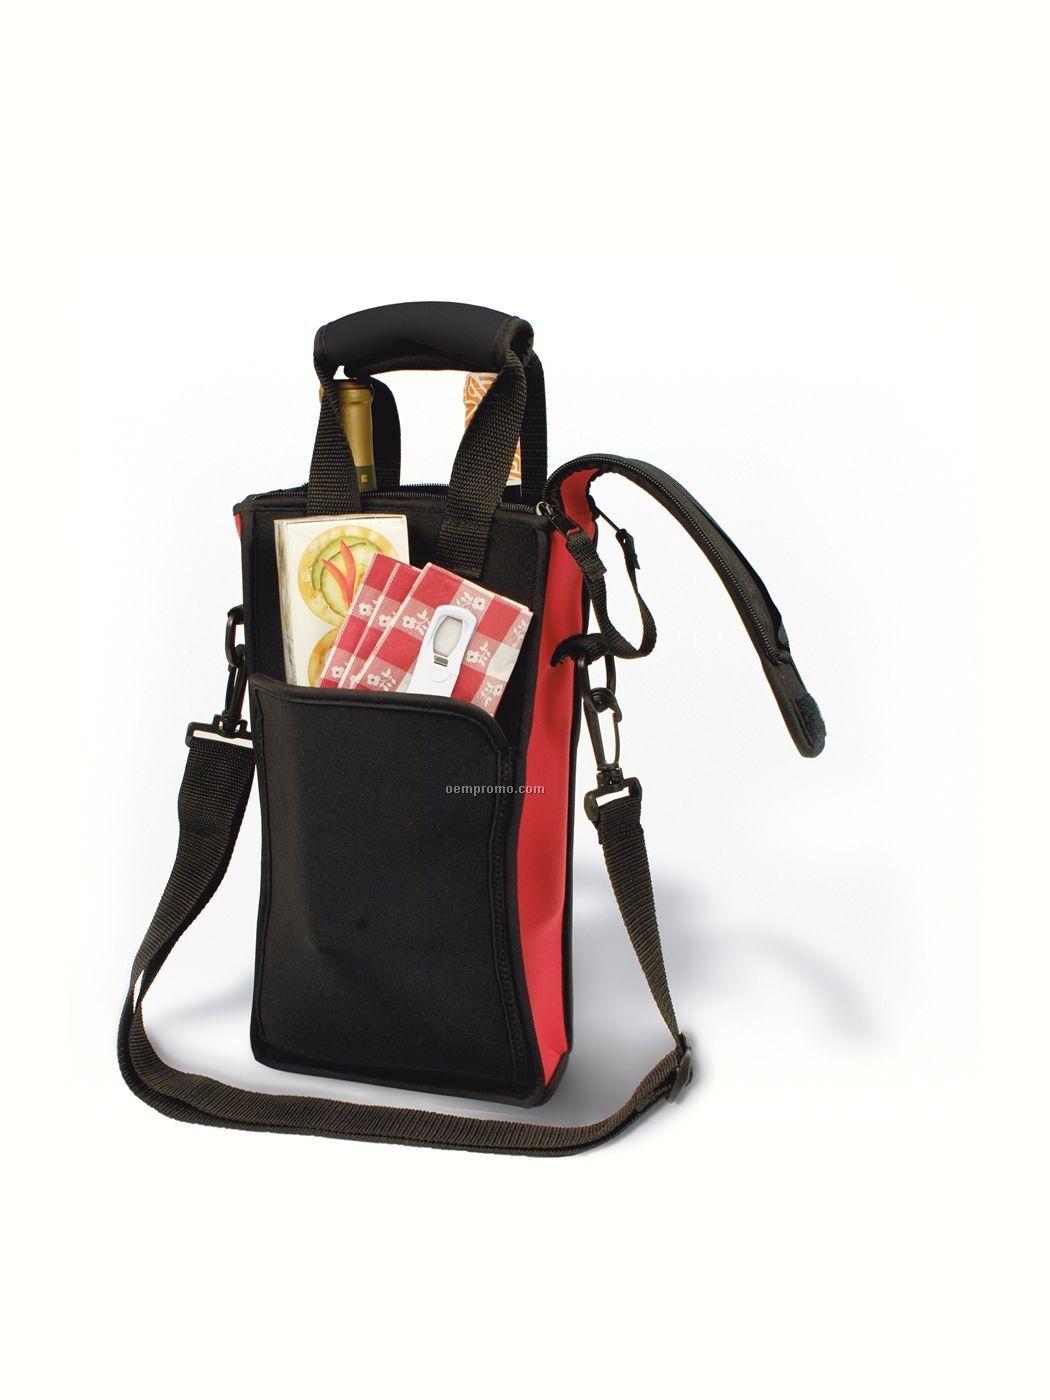 Zip-n-go Picnic Neoprene 2 Bottle Wine Bag With Traveler's Corkscrew- Boxed